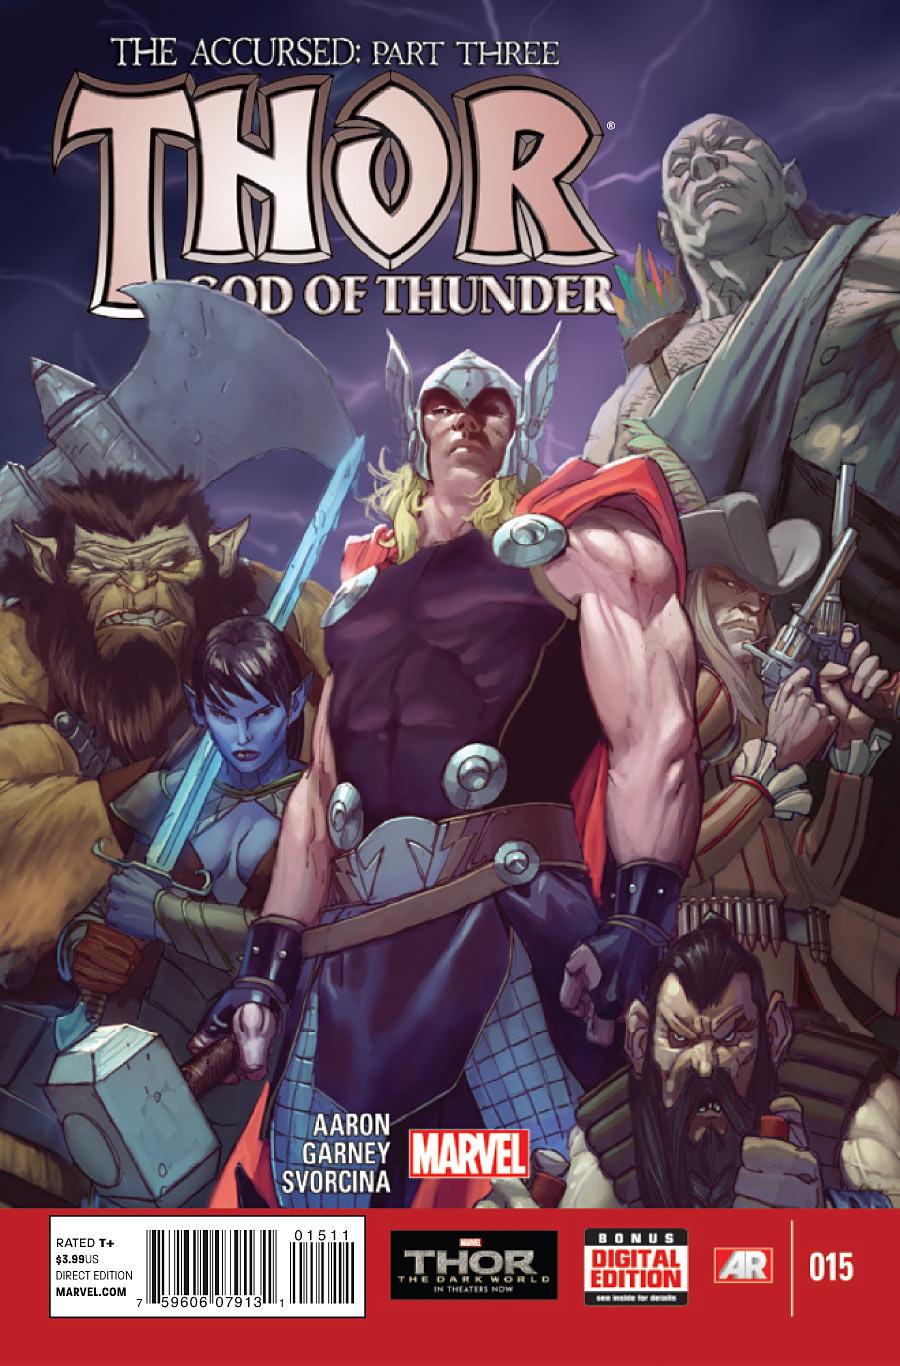 Thor: God of Thunder #15